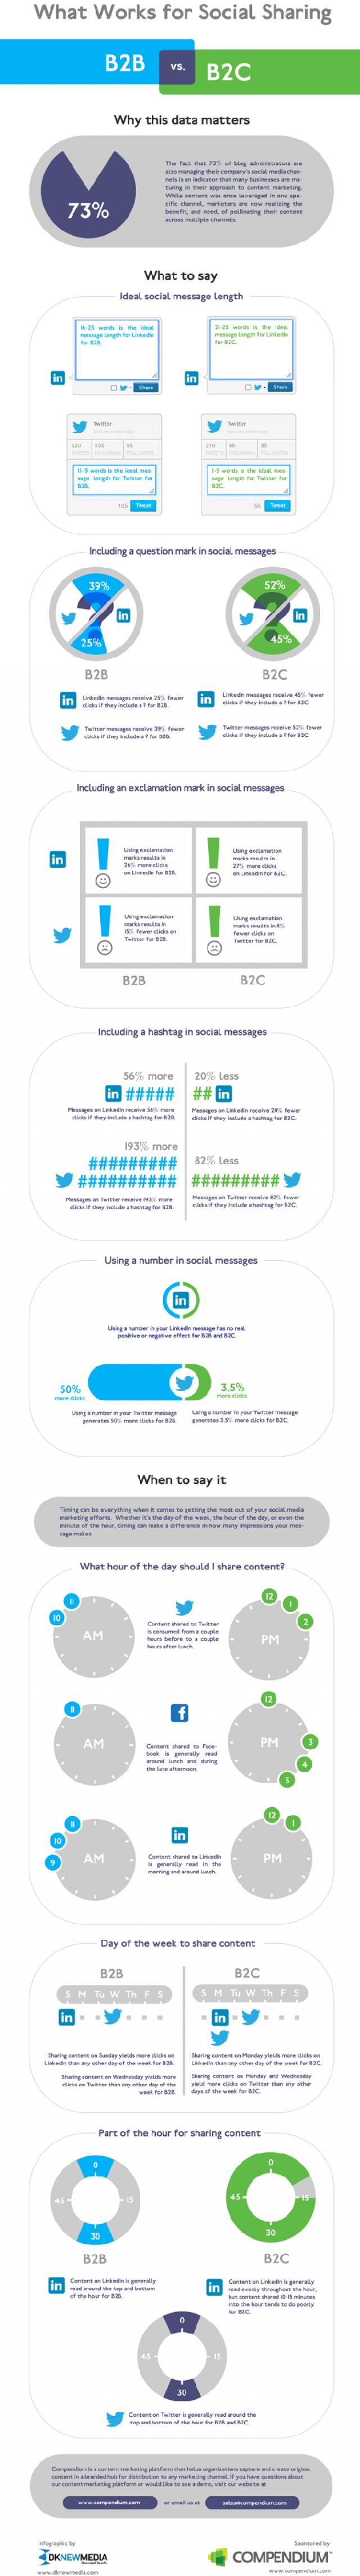 AddThis Analizi ile Sosyal Medya da İçerik Ne Zaman Paylaşılmalı? [İnfografik]